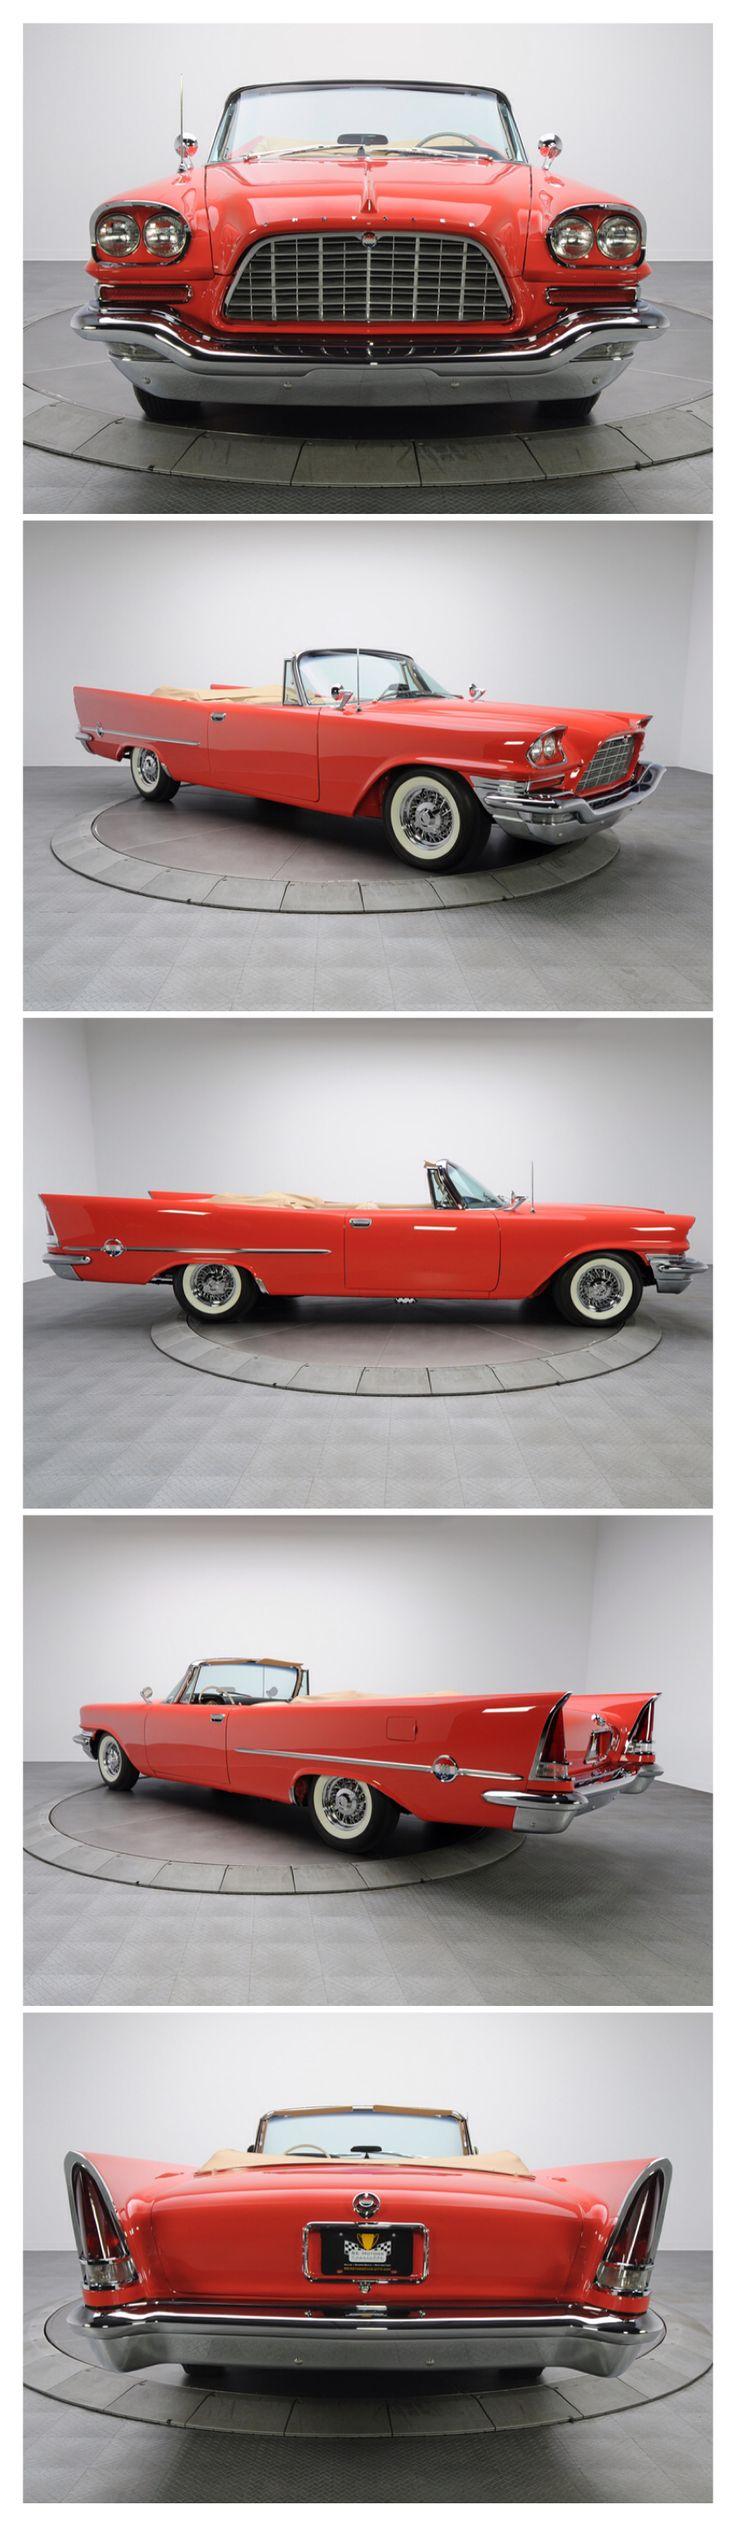 1957 Chrysler 300C Hemi